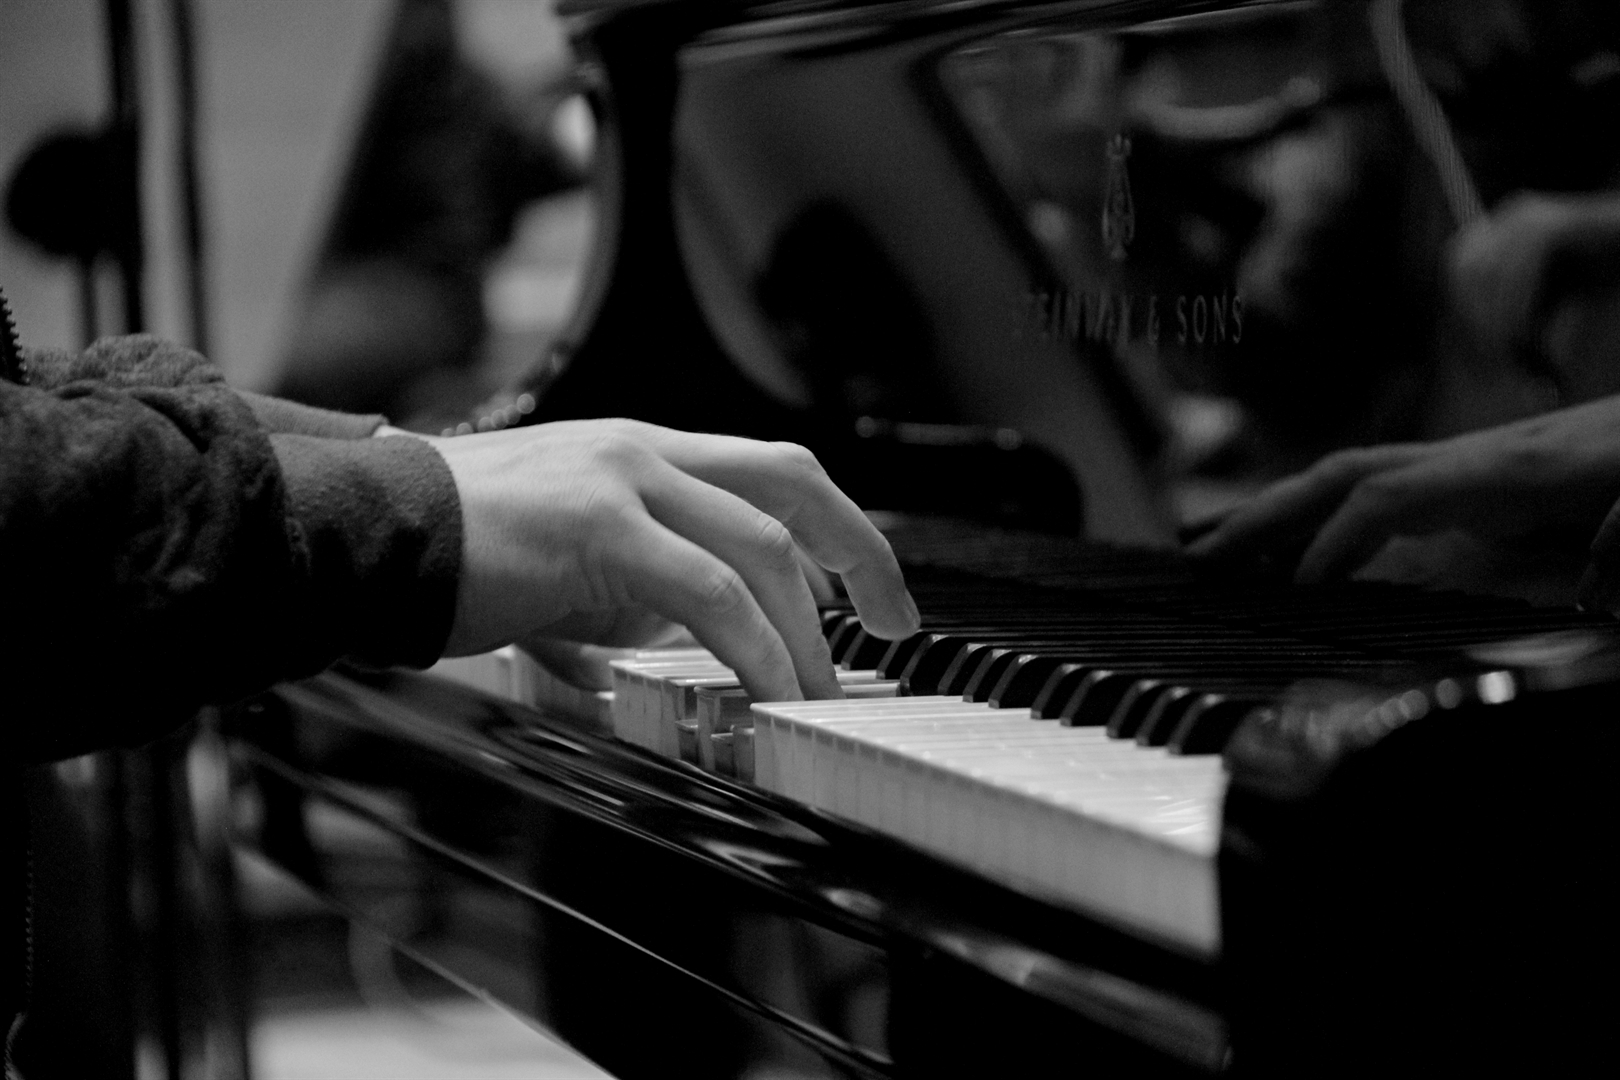 11.10.2020 - Muzyka w pandemii - próba (fot. Wojciech Kabata)